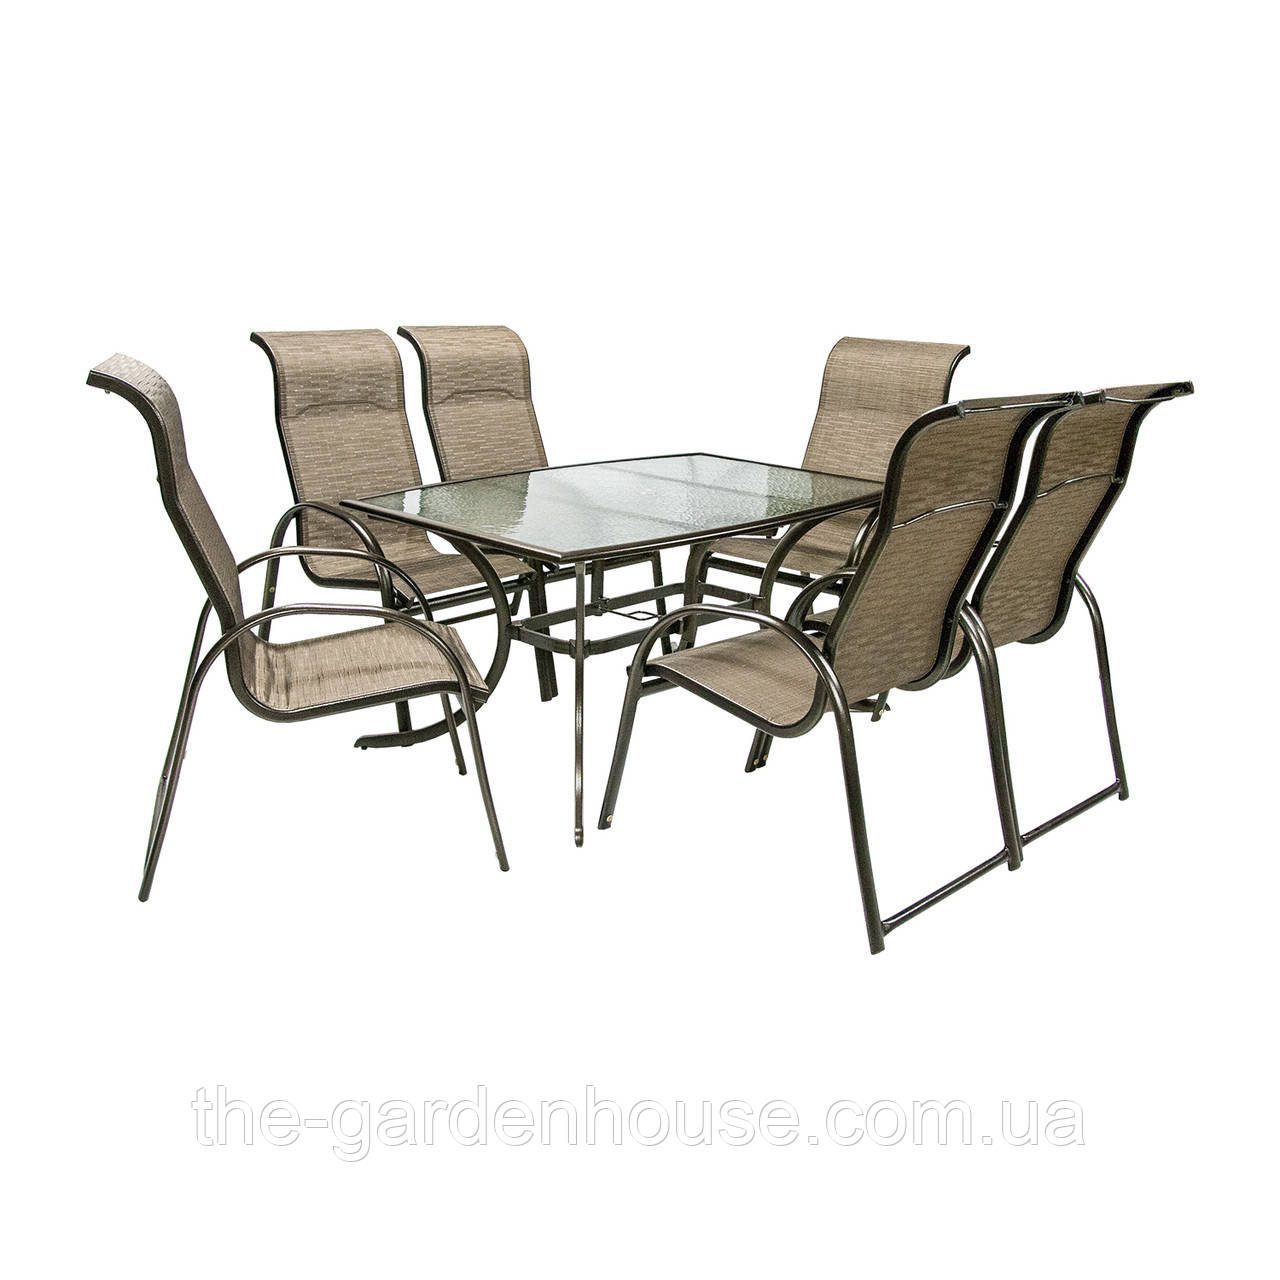 Обеденный комплект Montreal: стол со стеклом и 6 стульев из текстилена